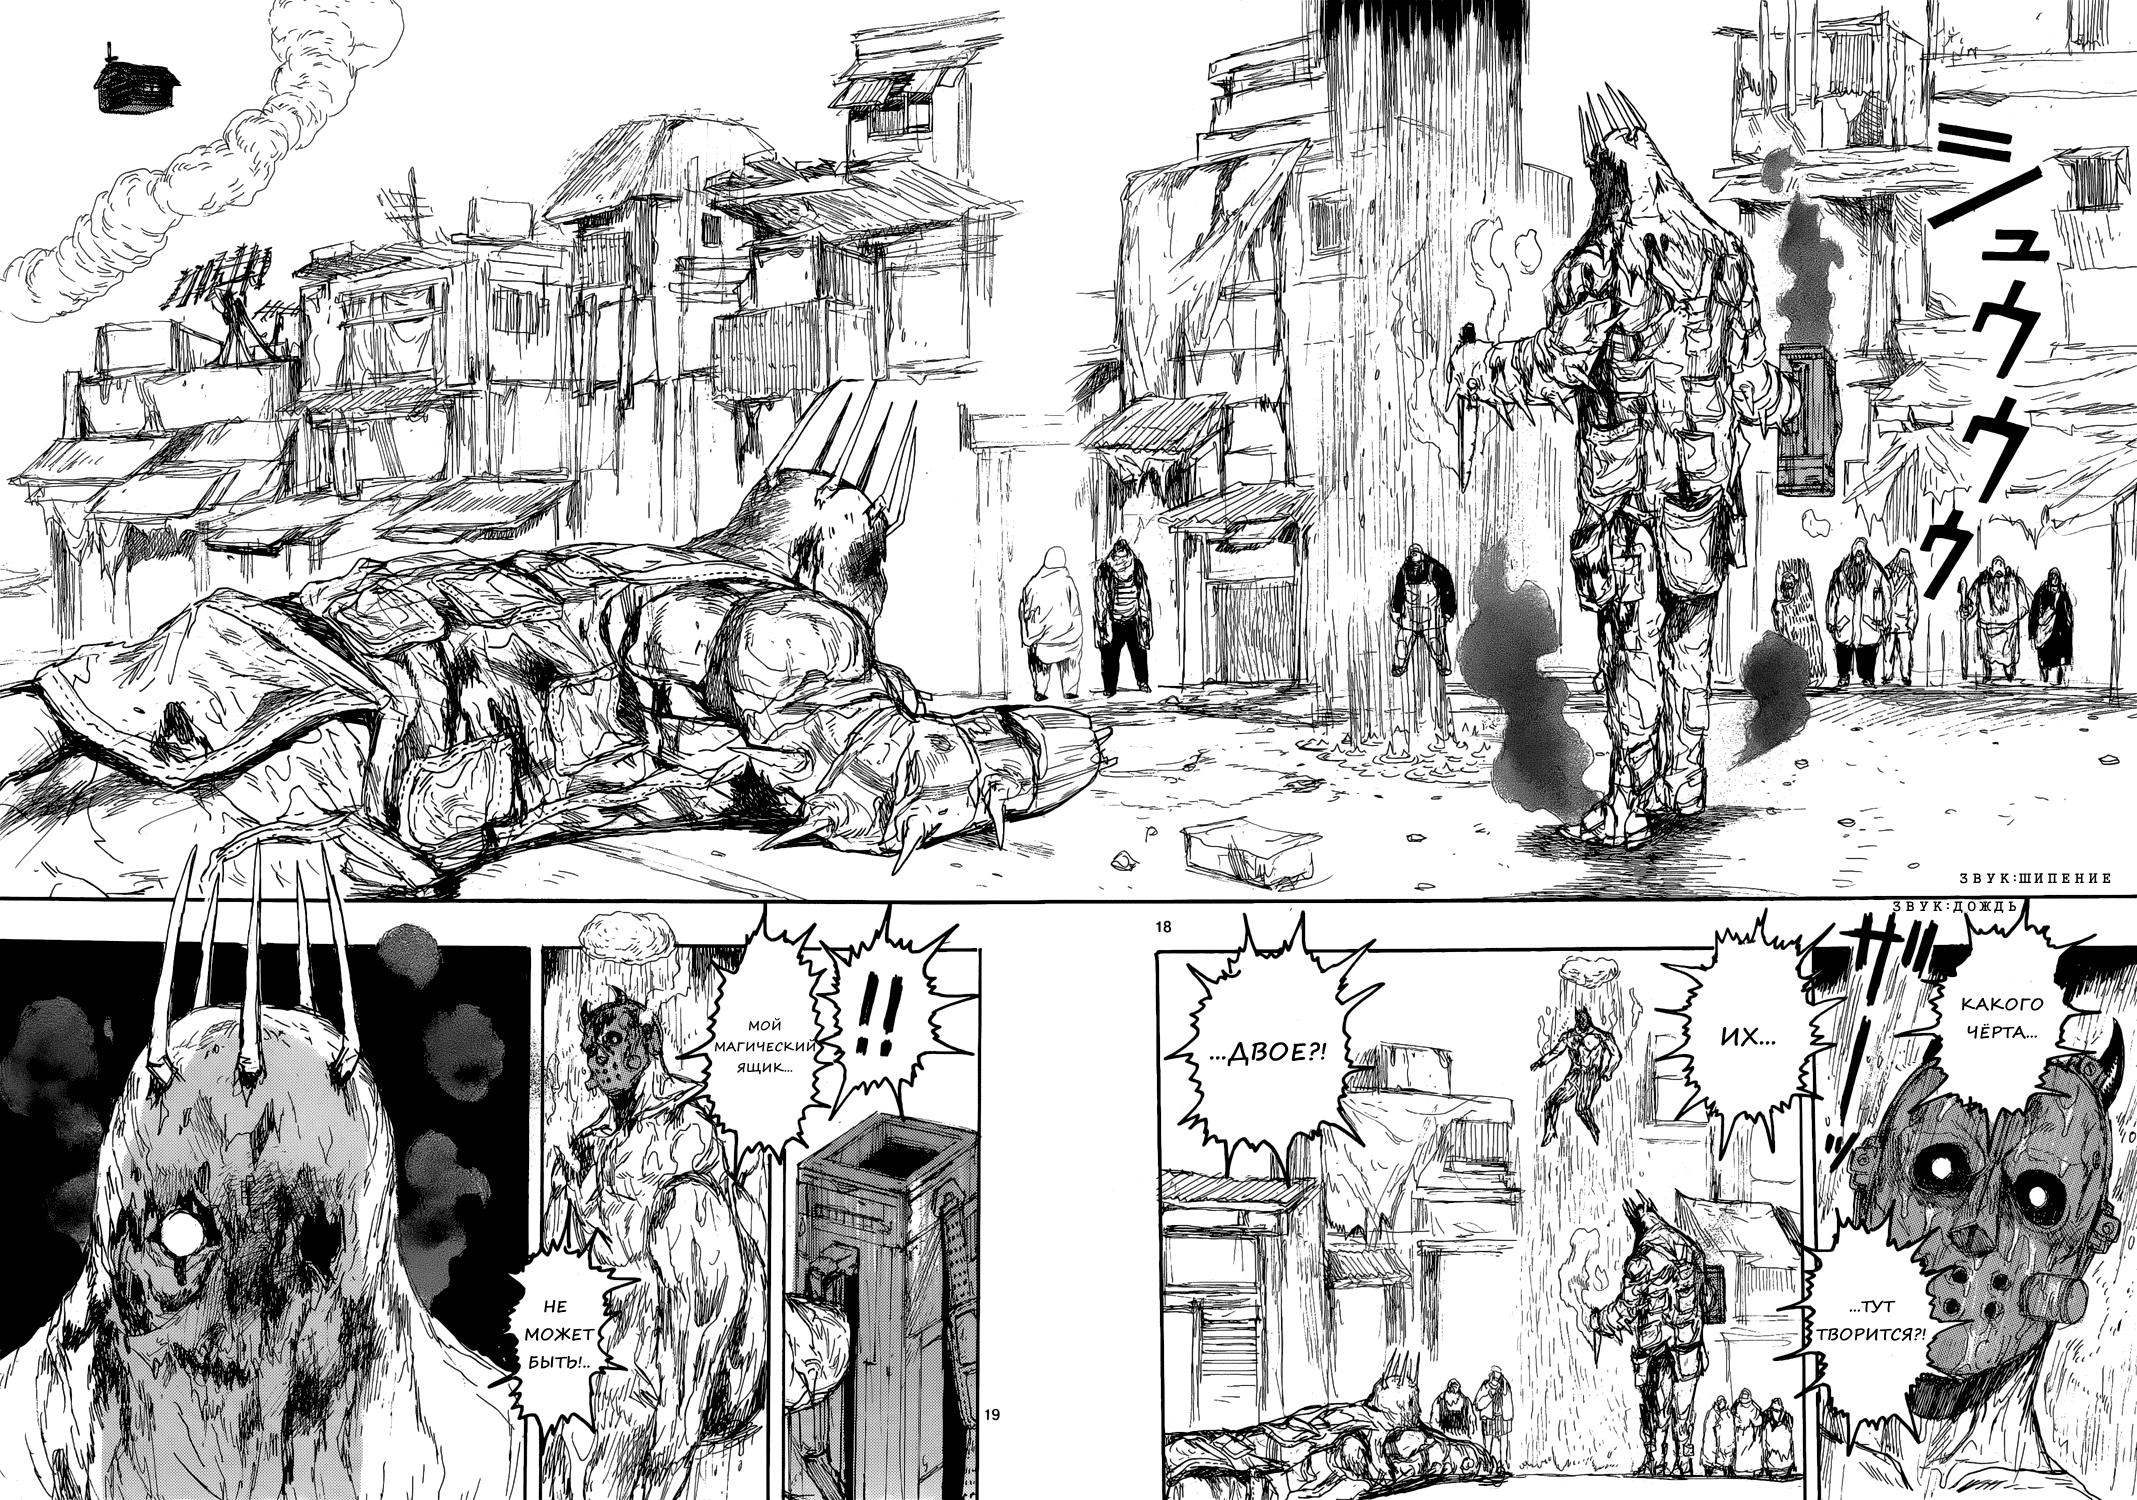 https://r1.ninemanga.com/comics/pic2/32/21024/329550/1500282623144.png Page 18